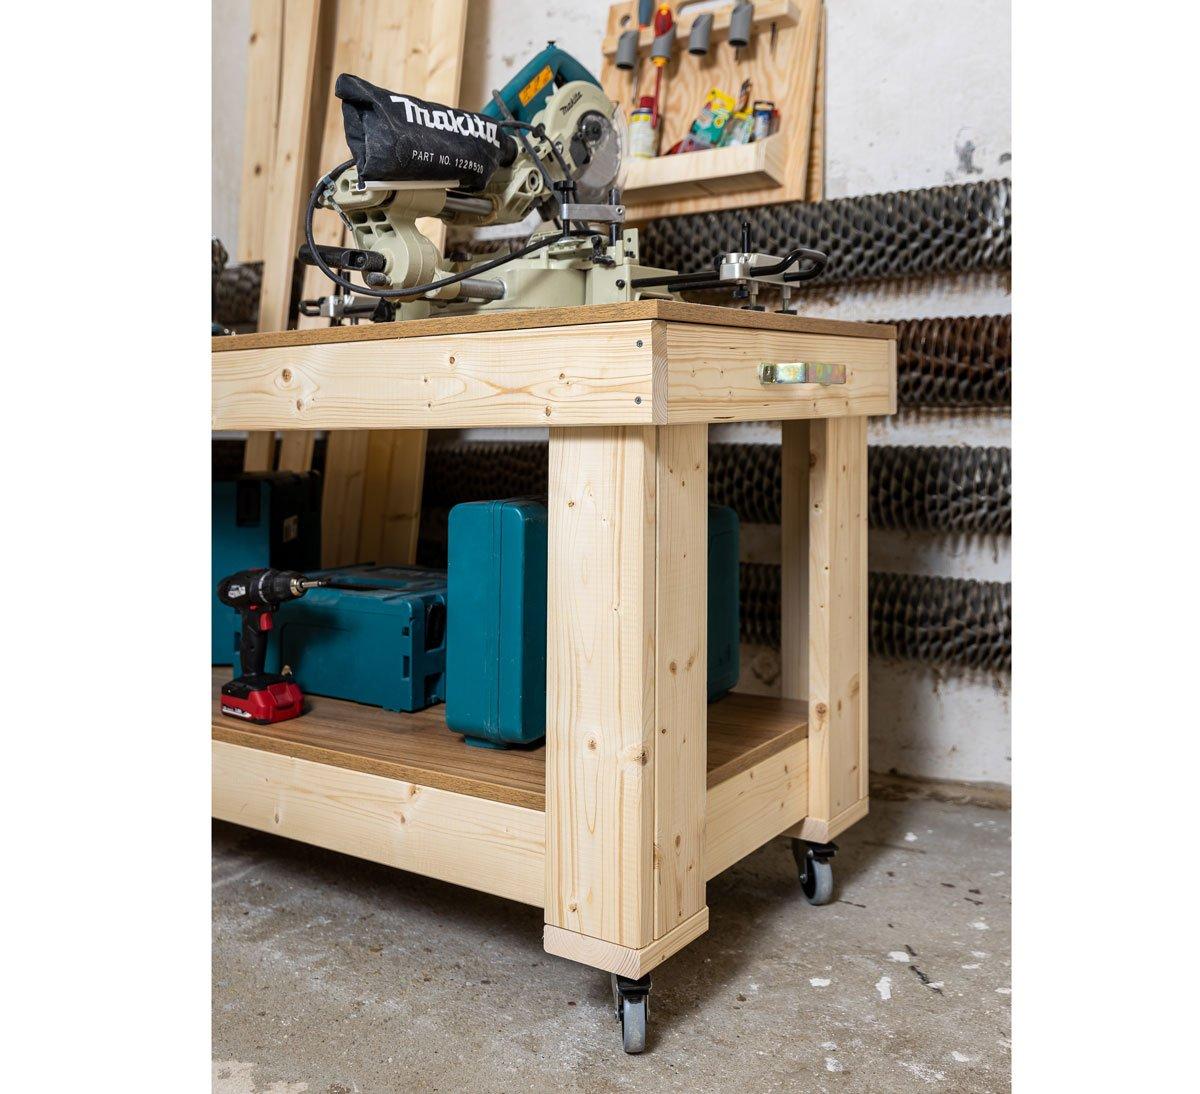 ručně vyrobený pracovní stůl s kolečkama a úchytkou